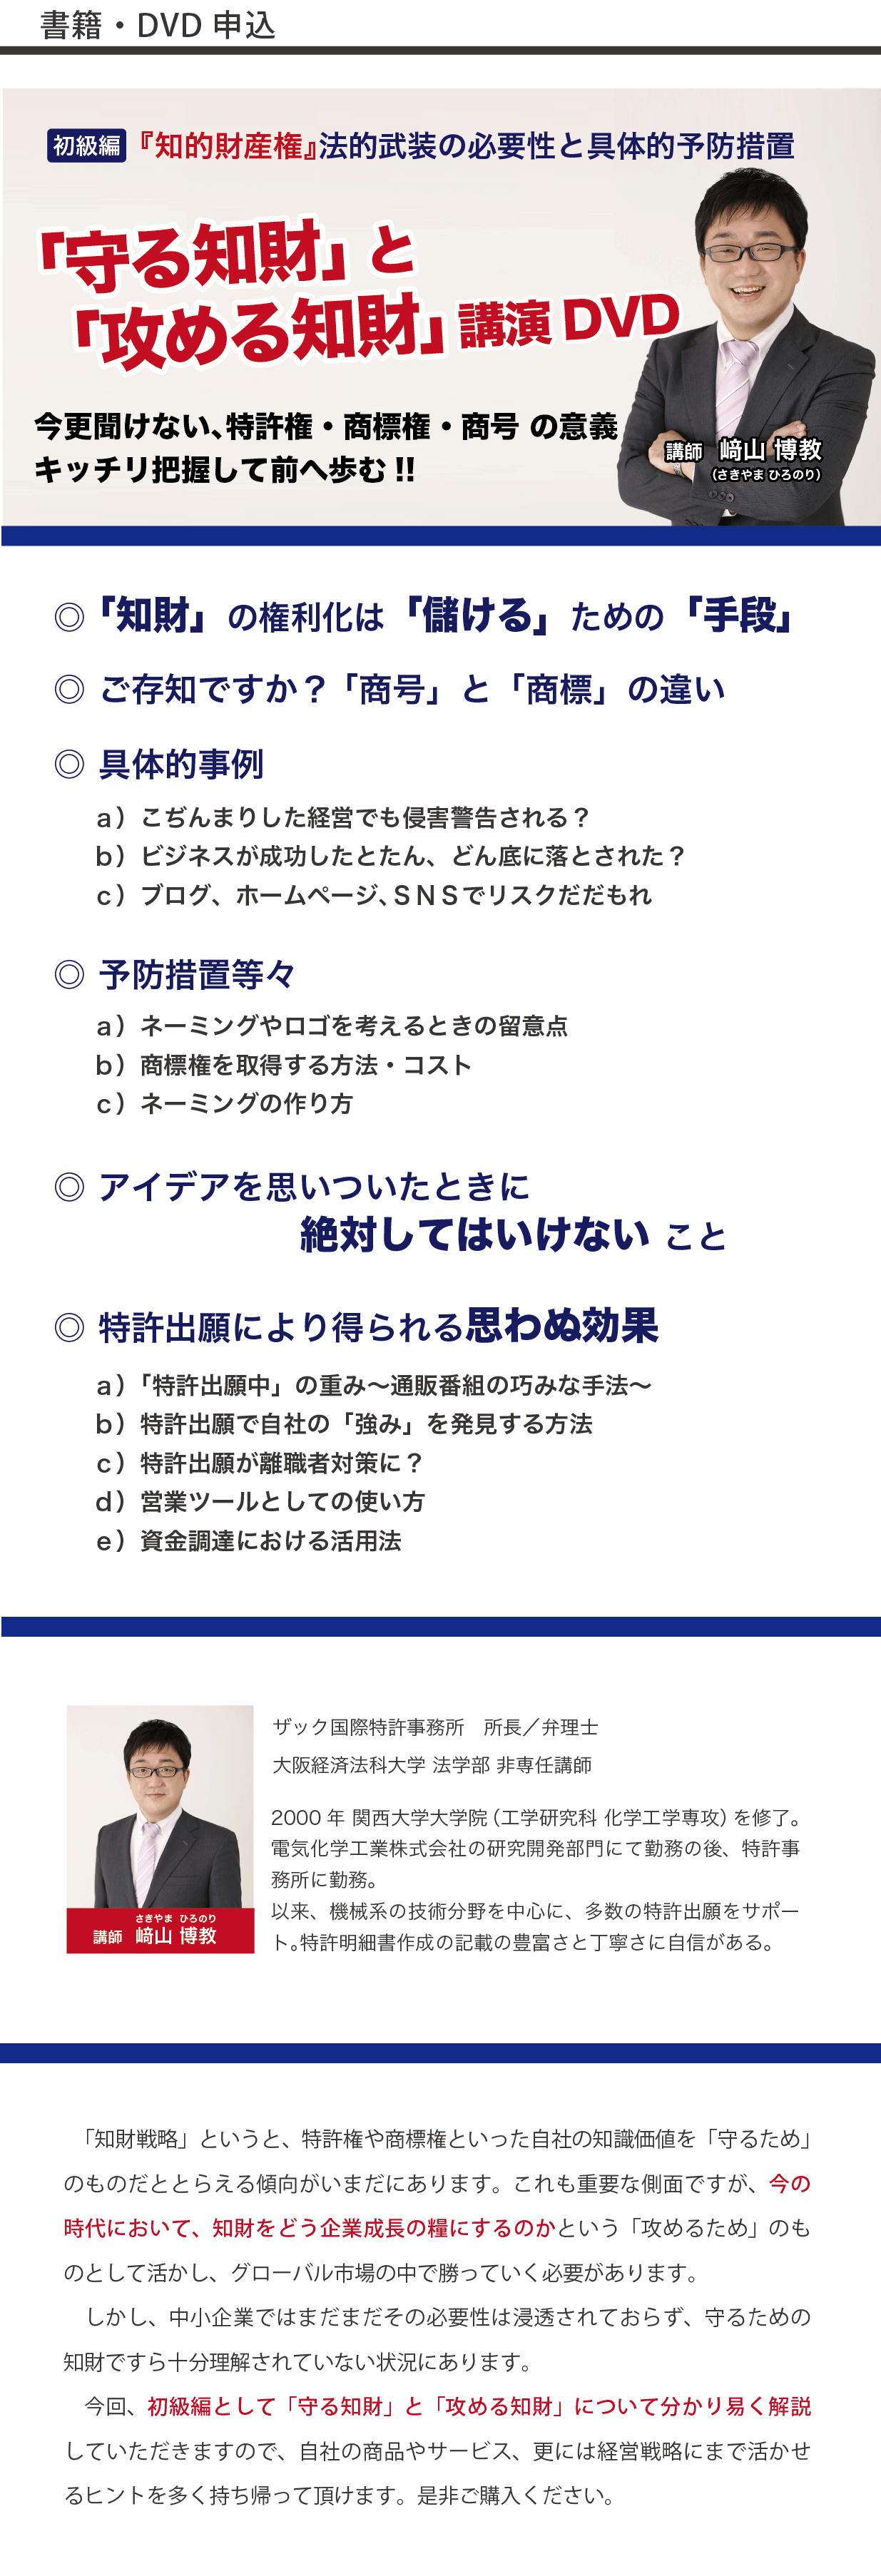 DVD_tizai 00